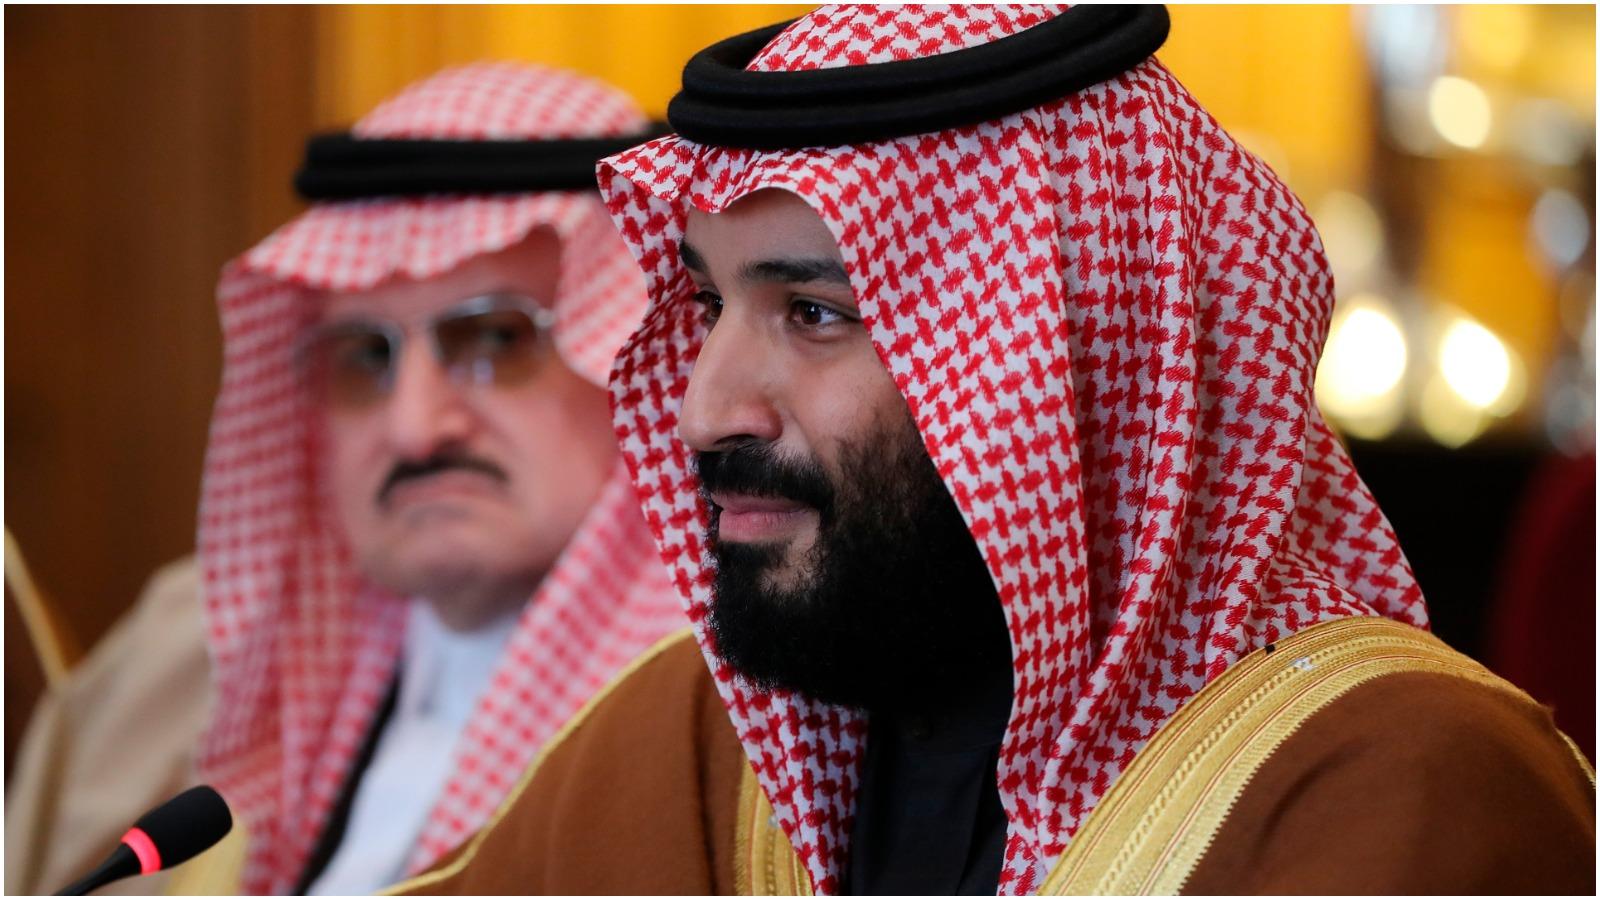 Niels Jespersen: Saudiaraberne er vores modstandere – og man har ikke alliancer med sine modstandere